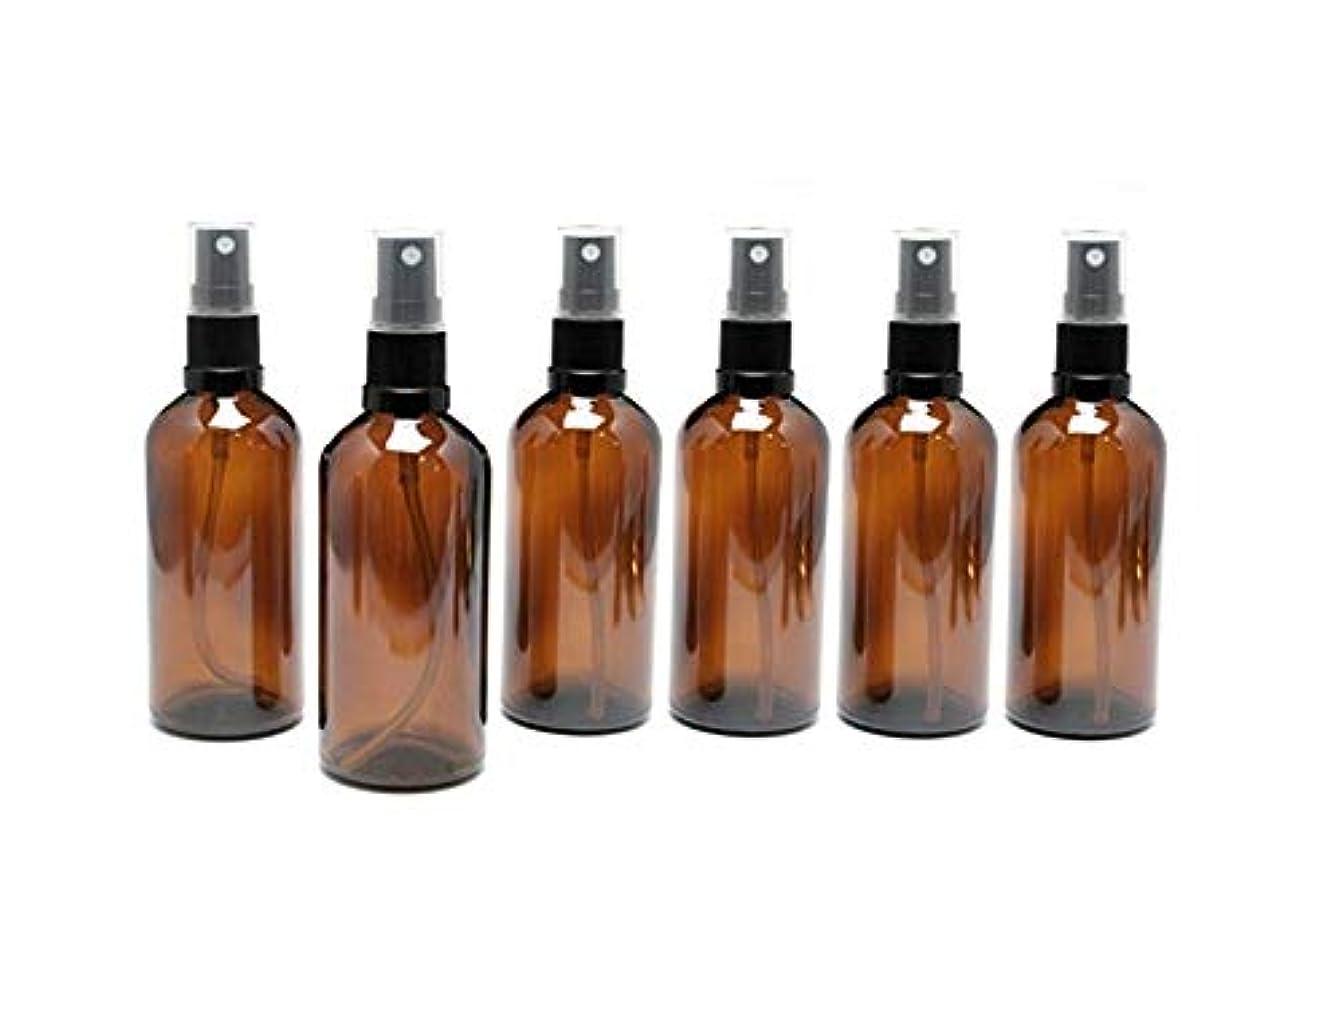 遮光瓶 スプレーボトル 100ml アンバー/ブラックヘッド(グラス/アトマイザー) 【新品アウトレット商品 】 (2) 6本セット